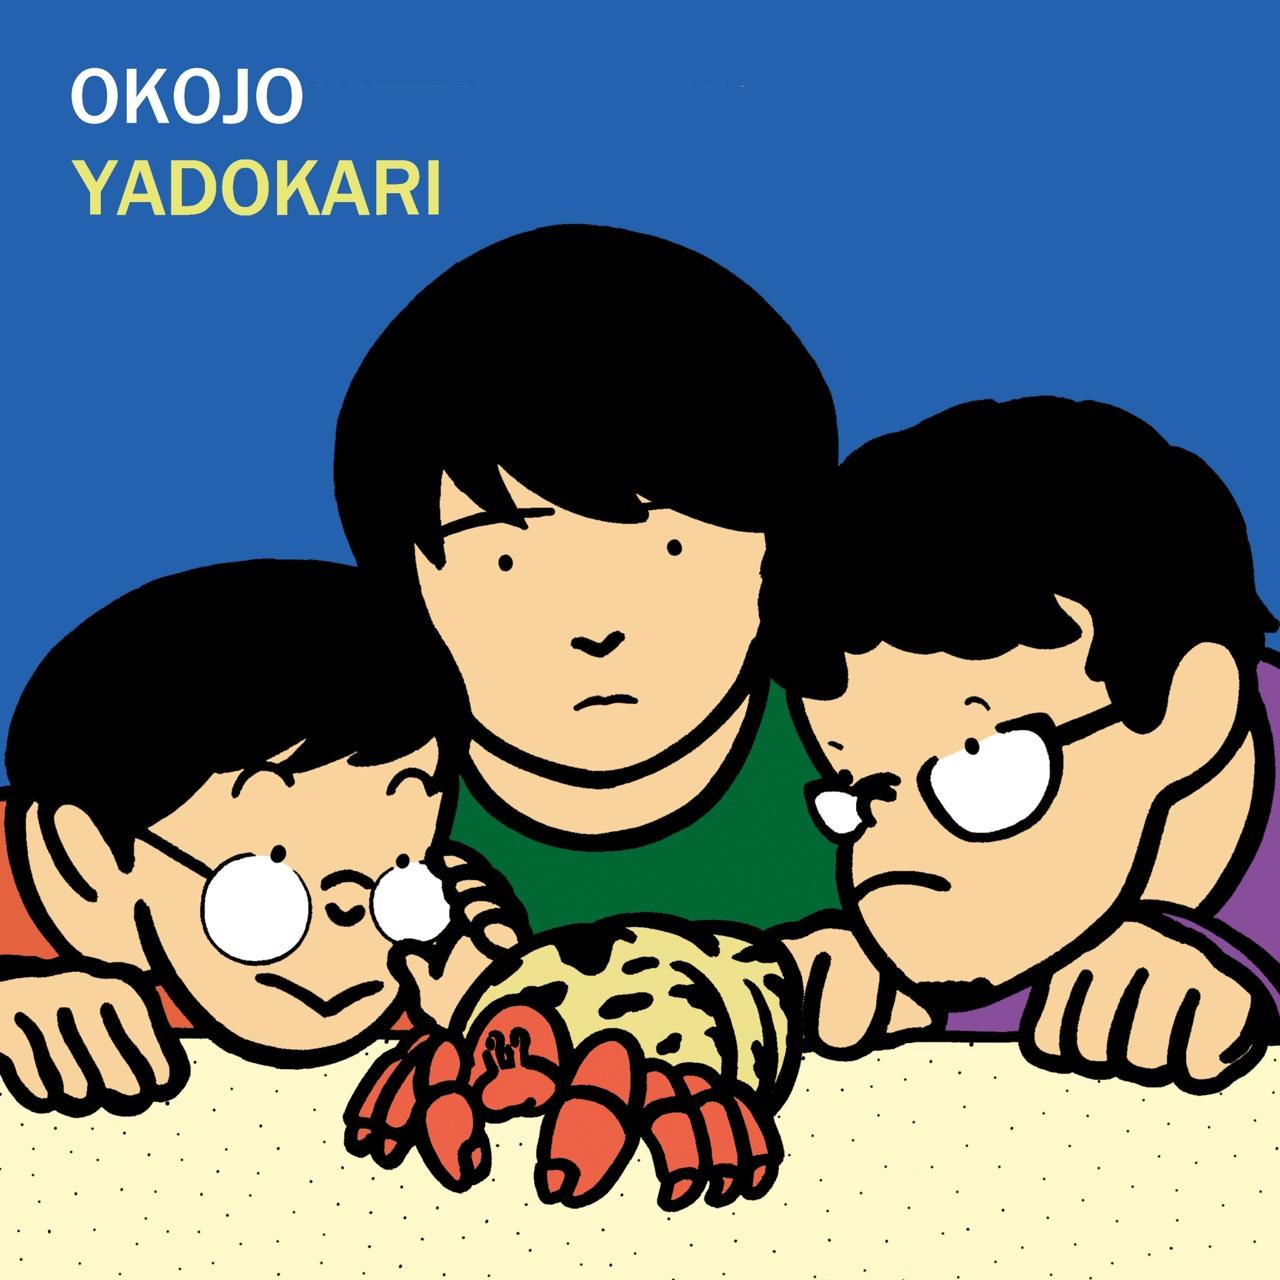 OKOJO / サイチェン・マイフォーチュン